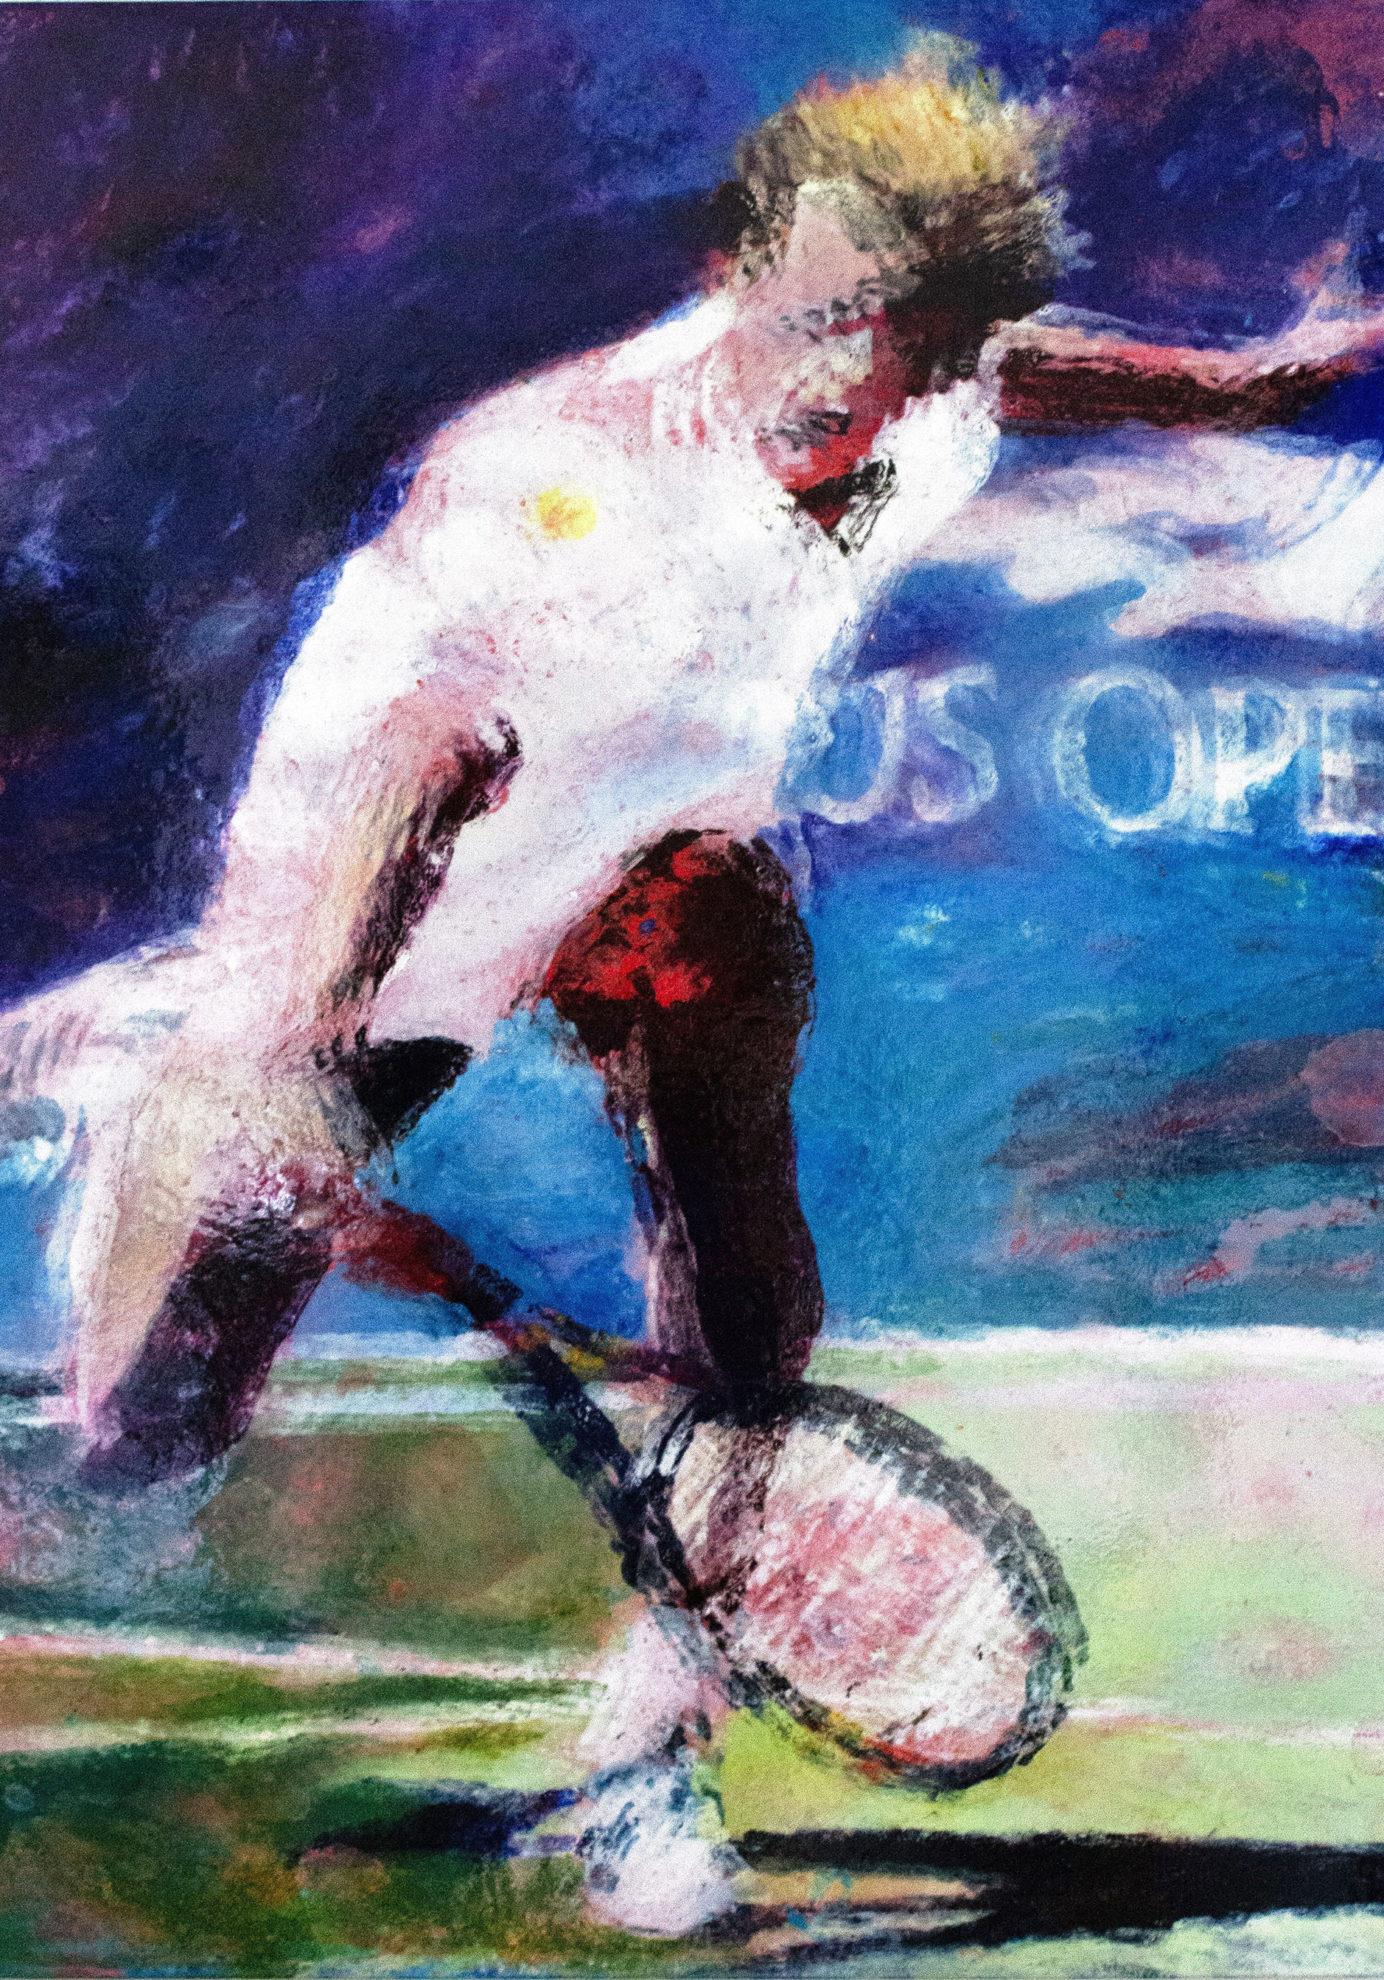 Stefan Edberg, 1992 US Open Champion